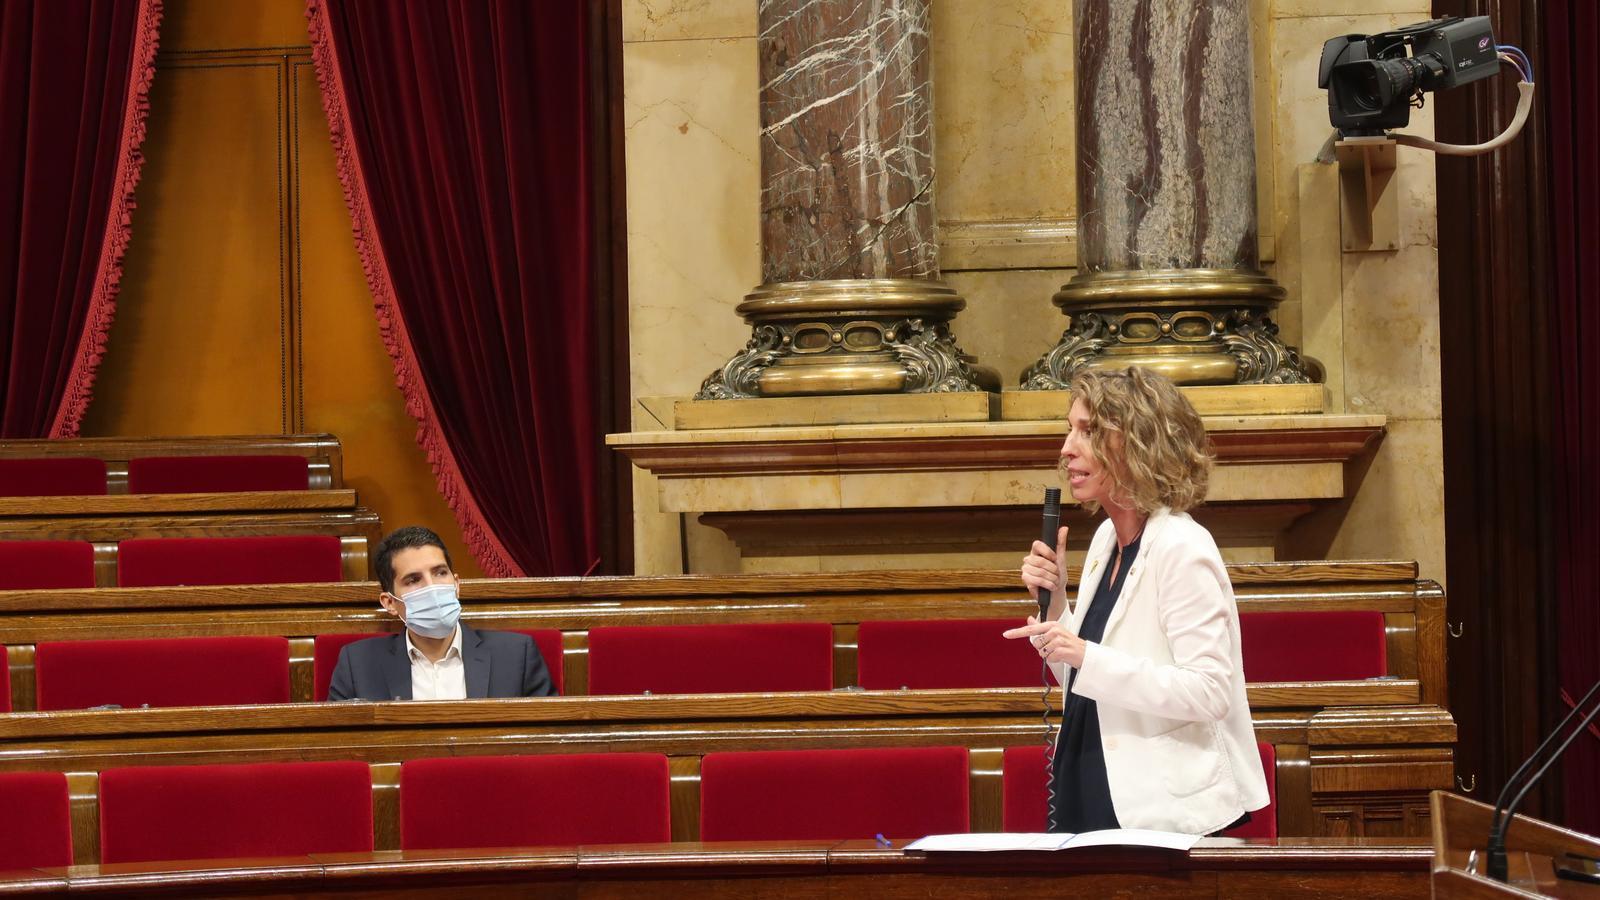 La consellera Chacón durant la seva intervenció al Parlament.